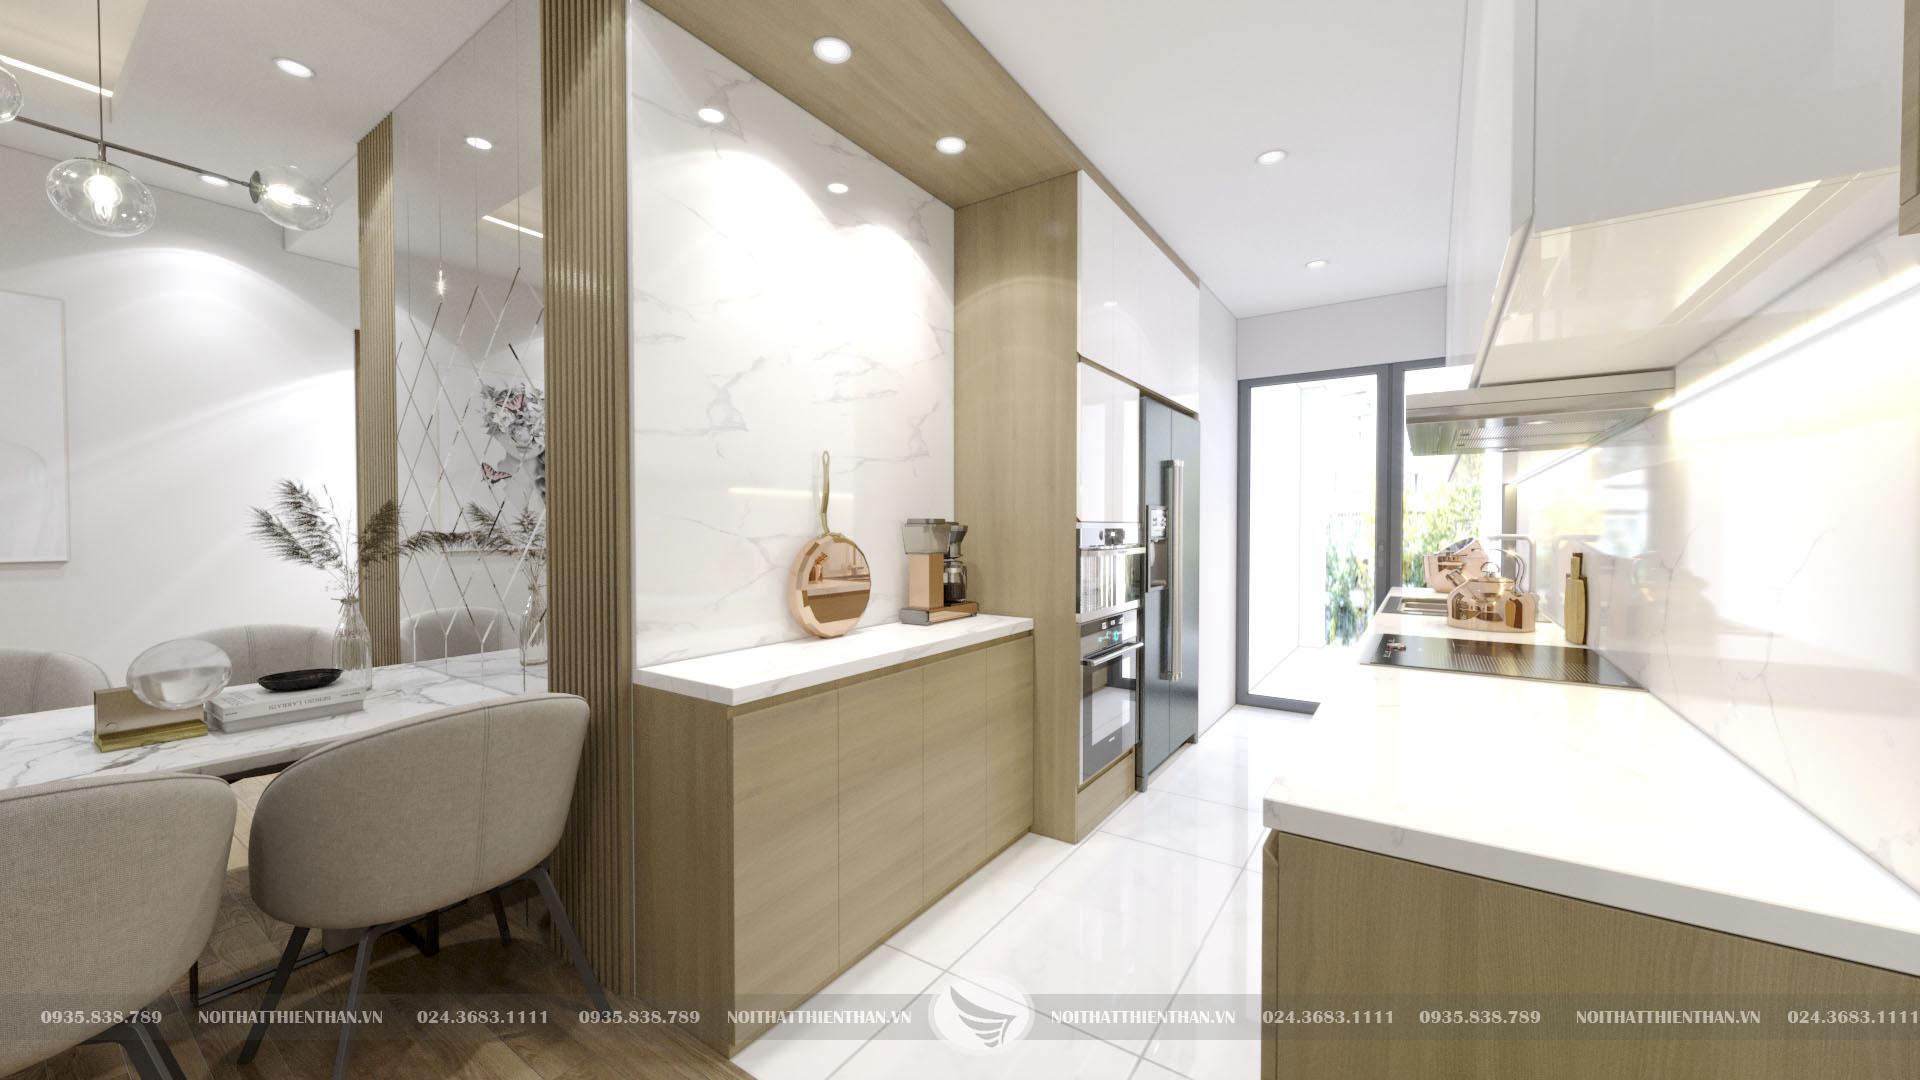 thiết kế nội thất phòng ăn chung cư